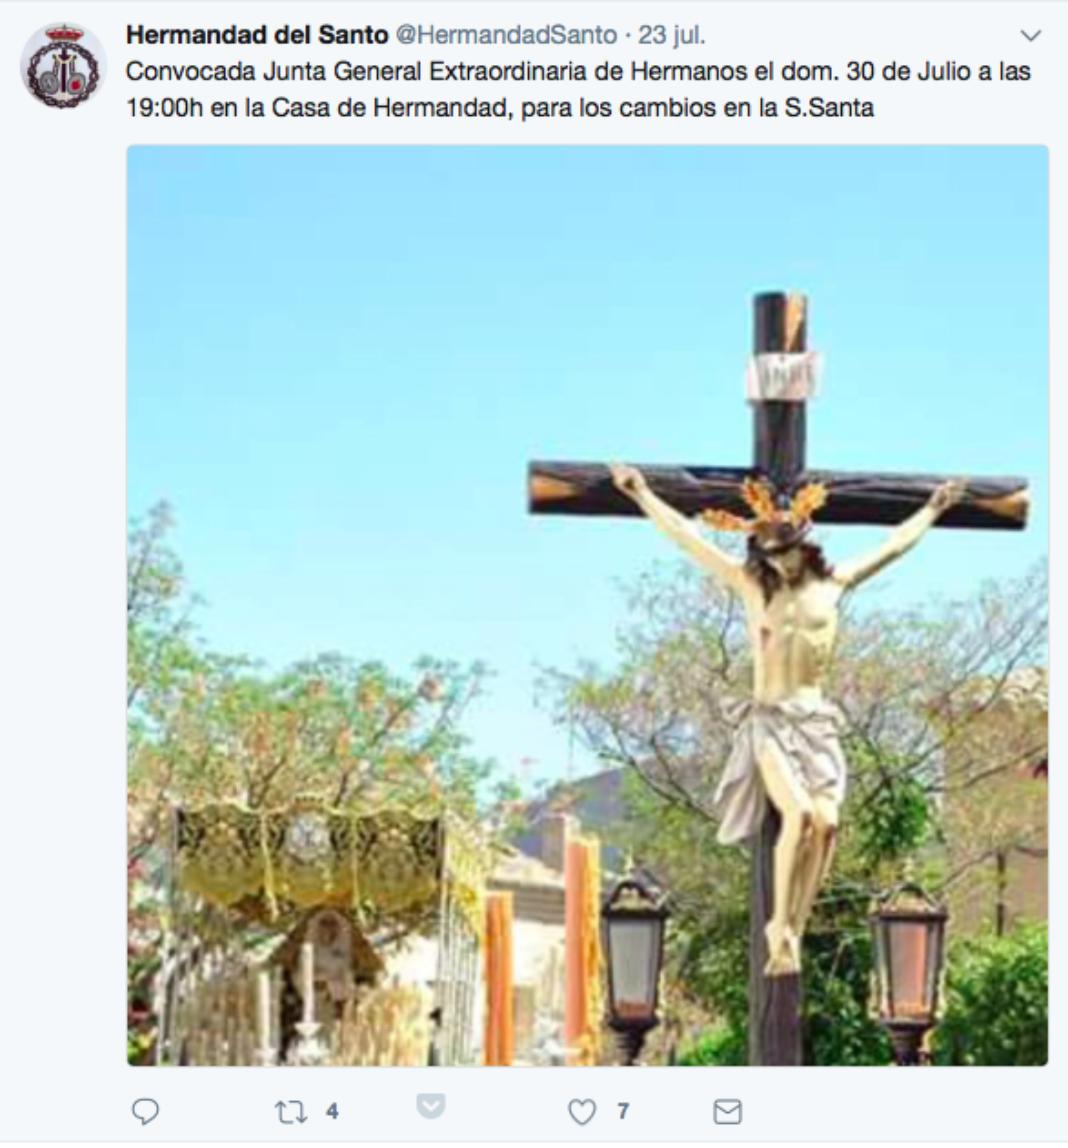 twitter de la hermandad de El Santo 1068x1148 - Las Hermandades de Pasión trabajan en la reforma de la Semana Santa de Herencia